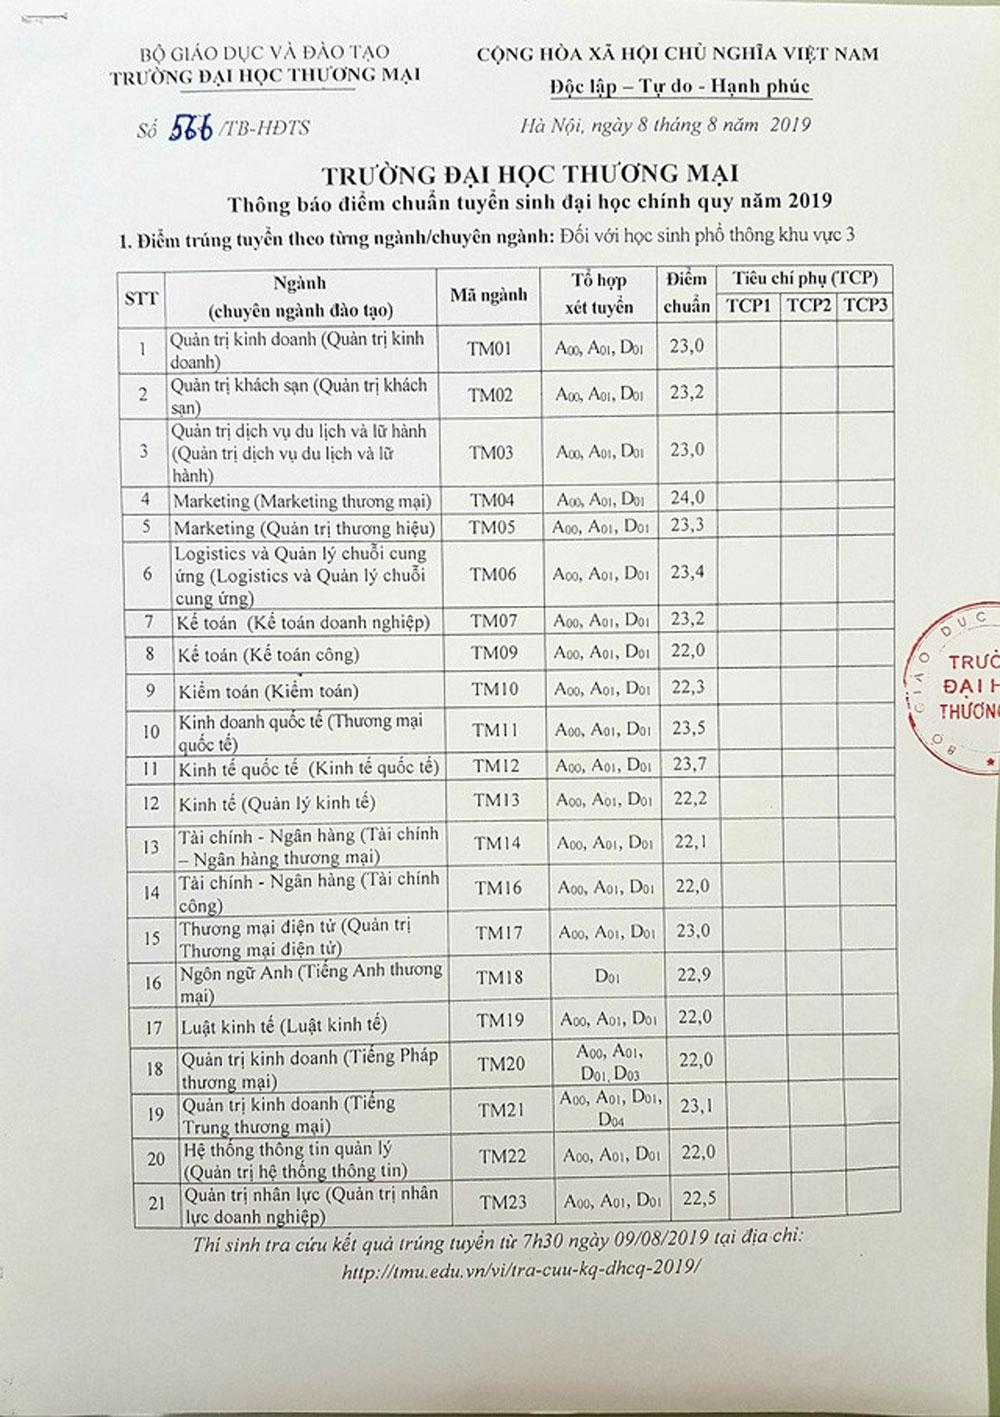 Điểm chuẩn cao nhất năm 2019, Trường Đại học Thương mại